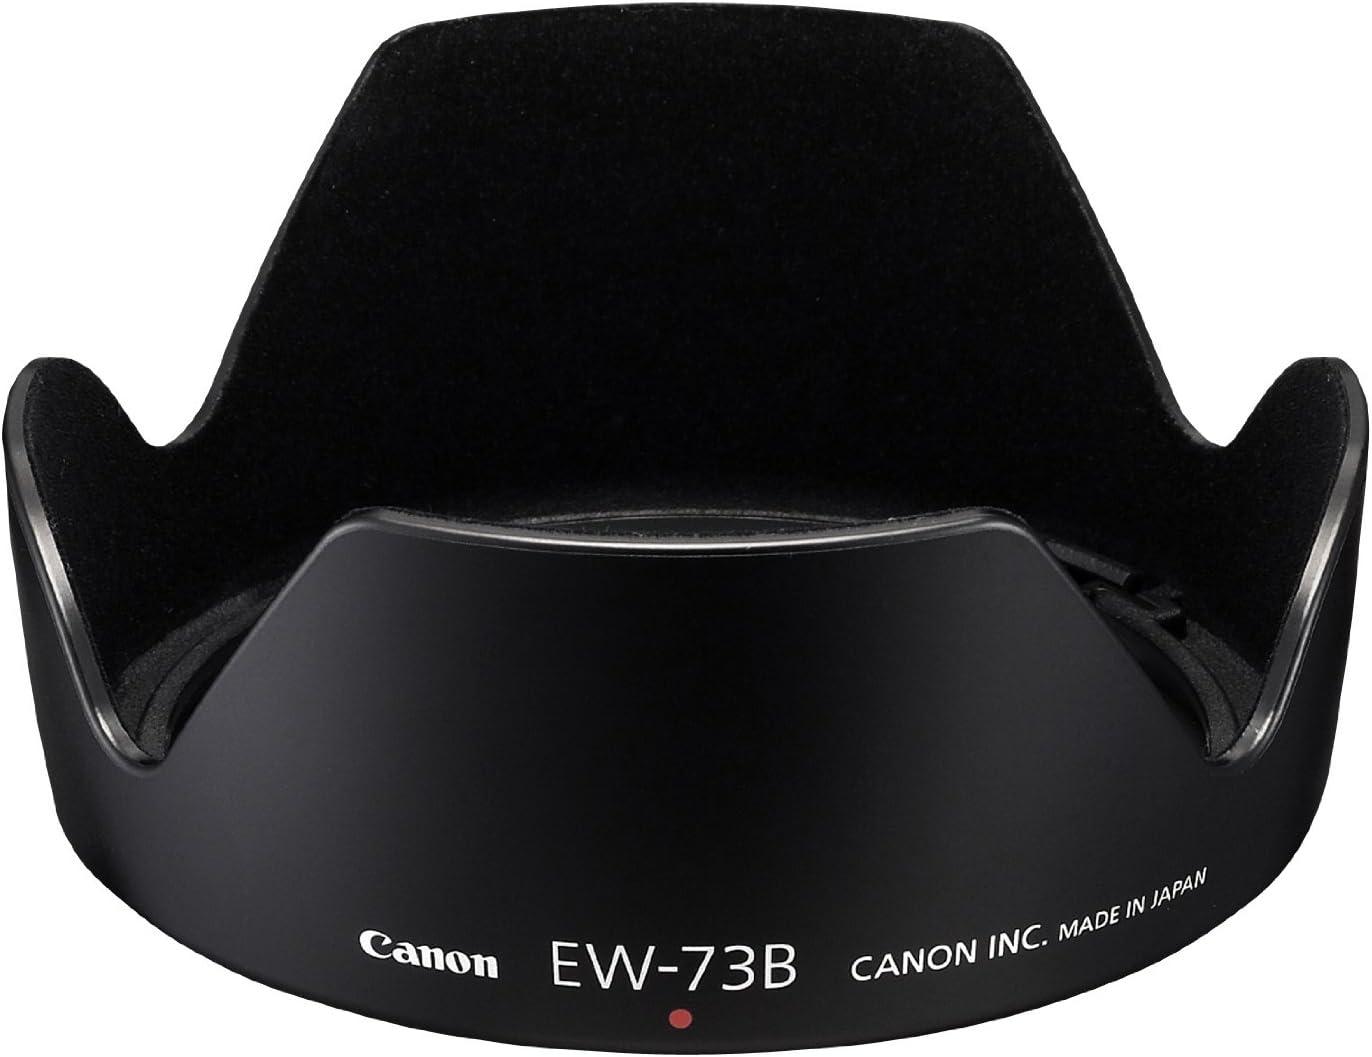 Canon EW-73B Lens Hood For 17-85mm f//4-5.6 IS EF-S and 18-135mm f//3.5-5.6 IS Lenses